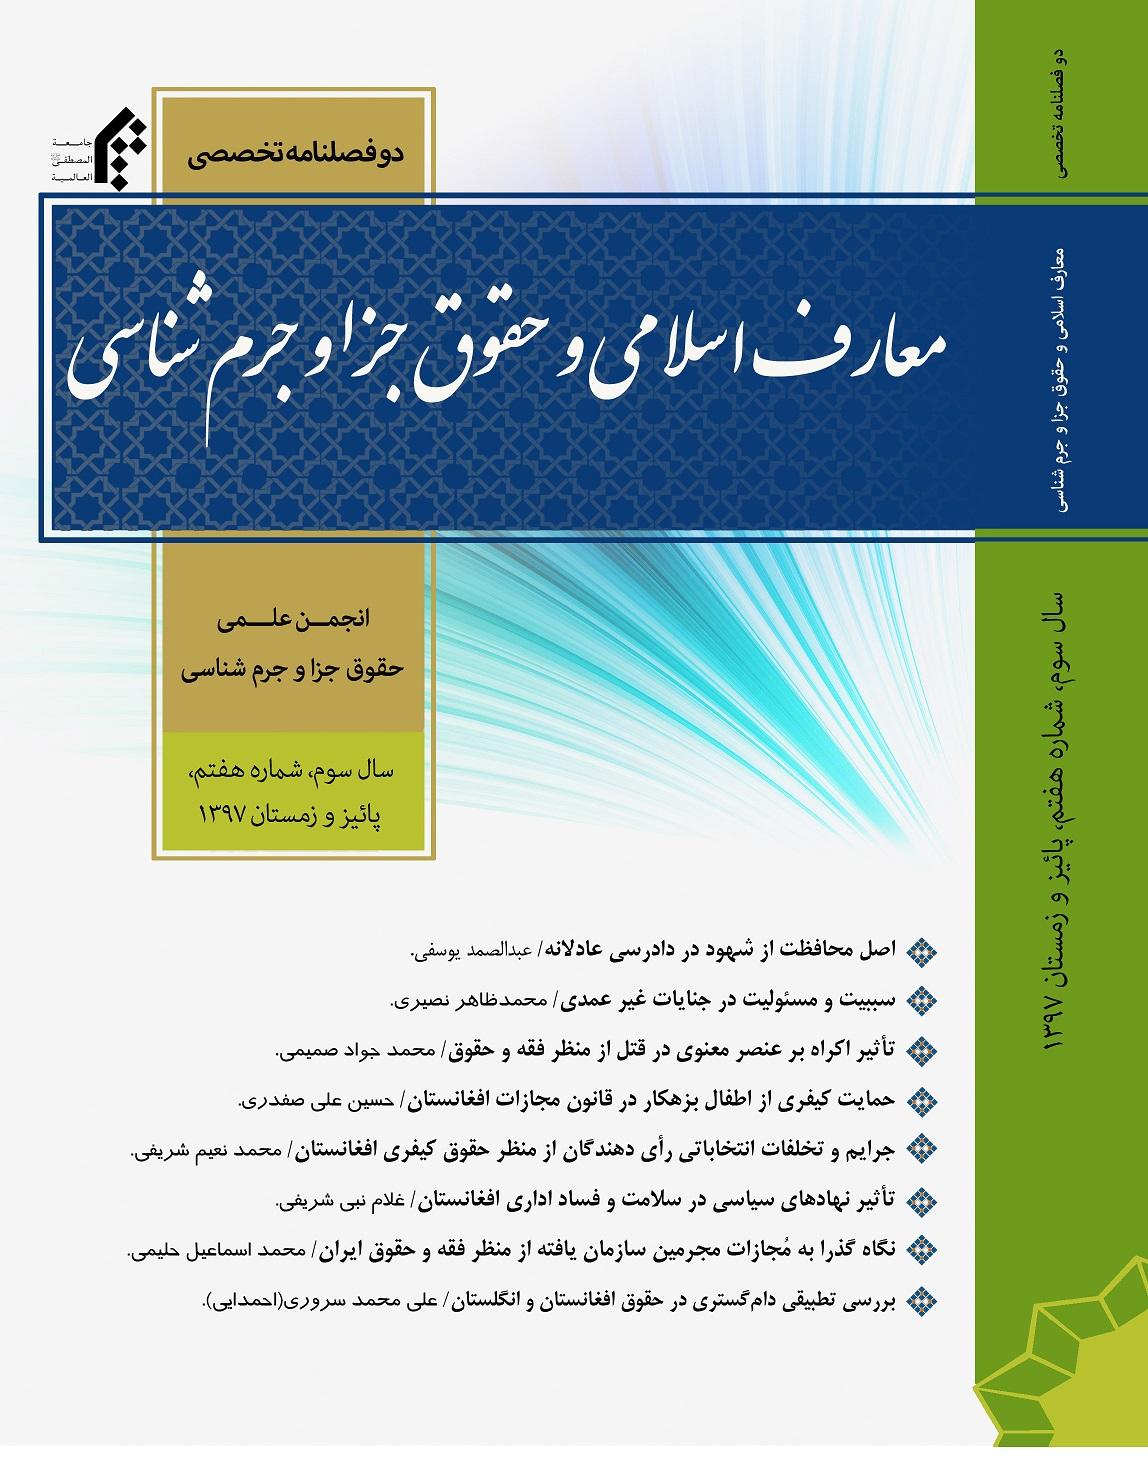 معارف اسلامی و حقوق جزا و جرم شناسی